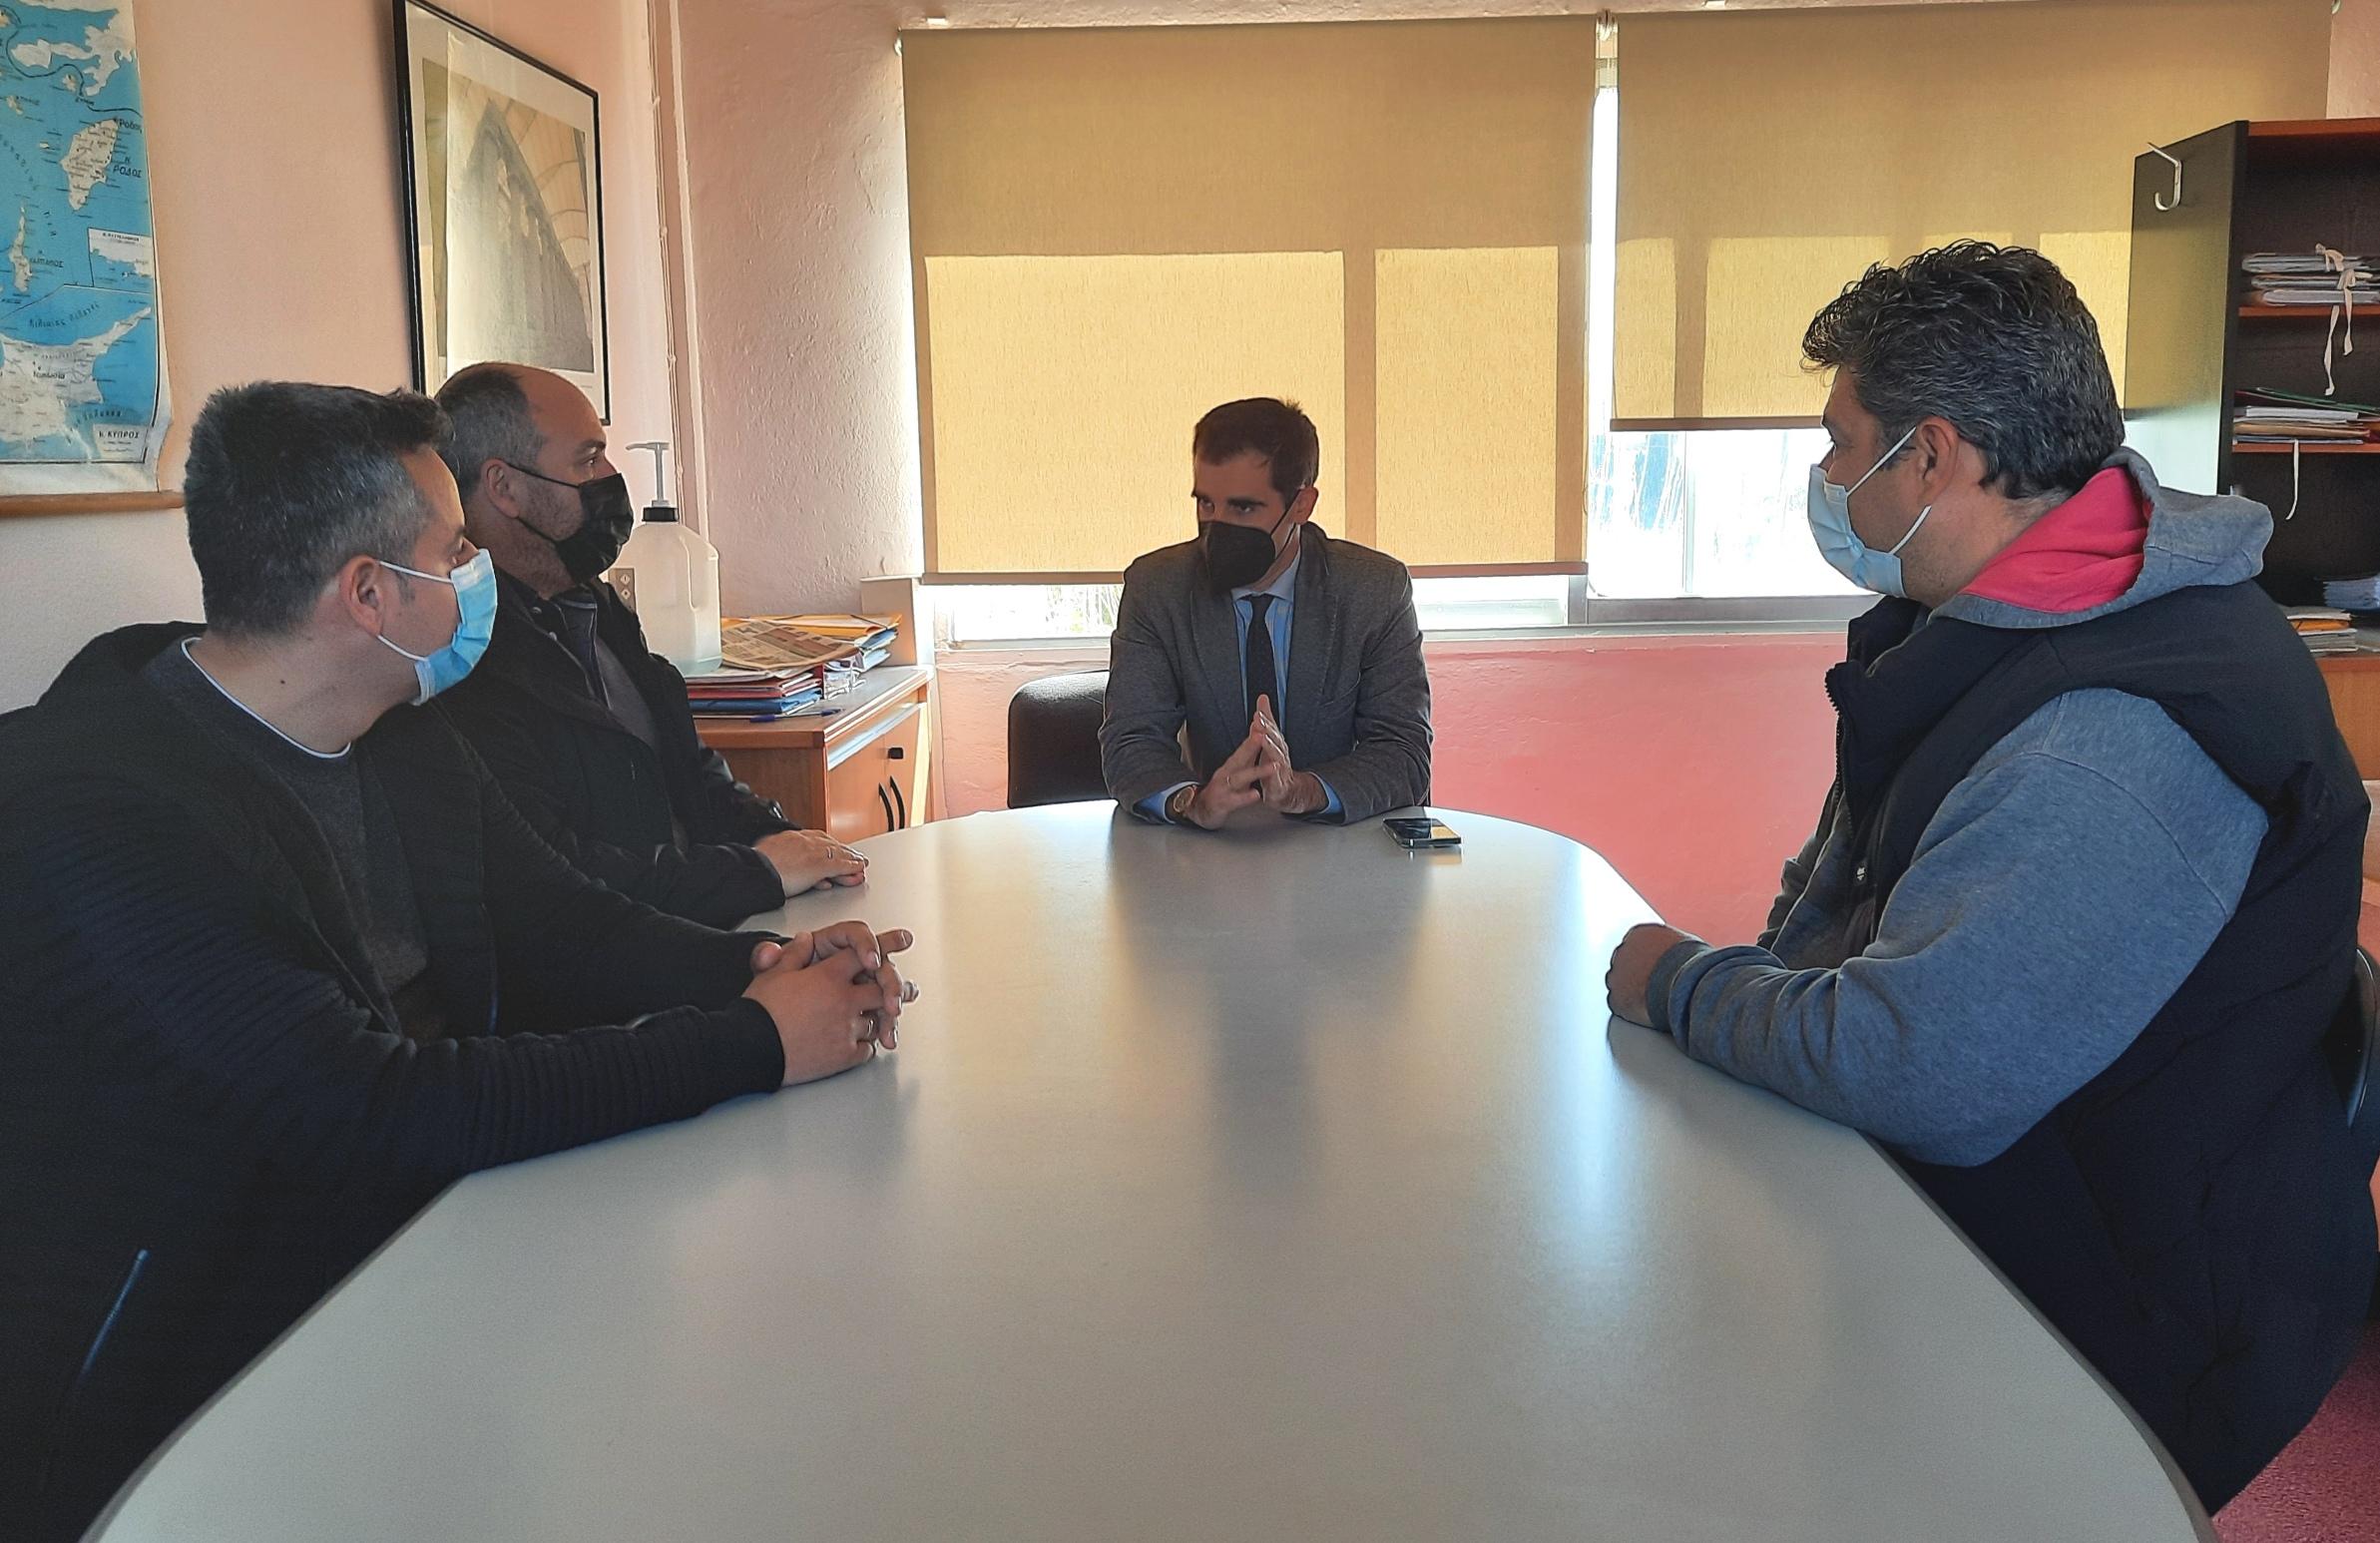 Επίσκεψη Αντιπεριφερειάρχη Π.Ε Ηλείας Β. Γιαννόπουλου, στις εγκαταστάσεις του ΓΟΕΒ Πηνειού - Αλφειού